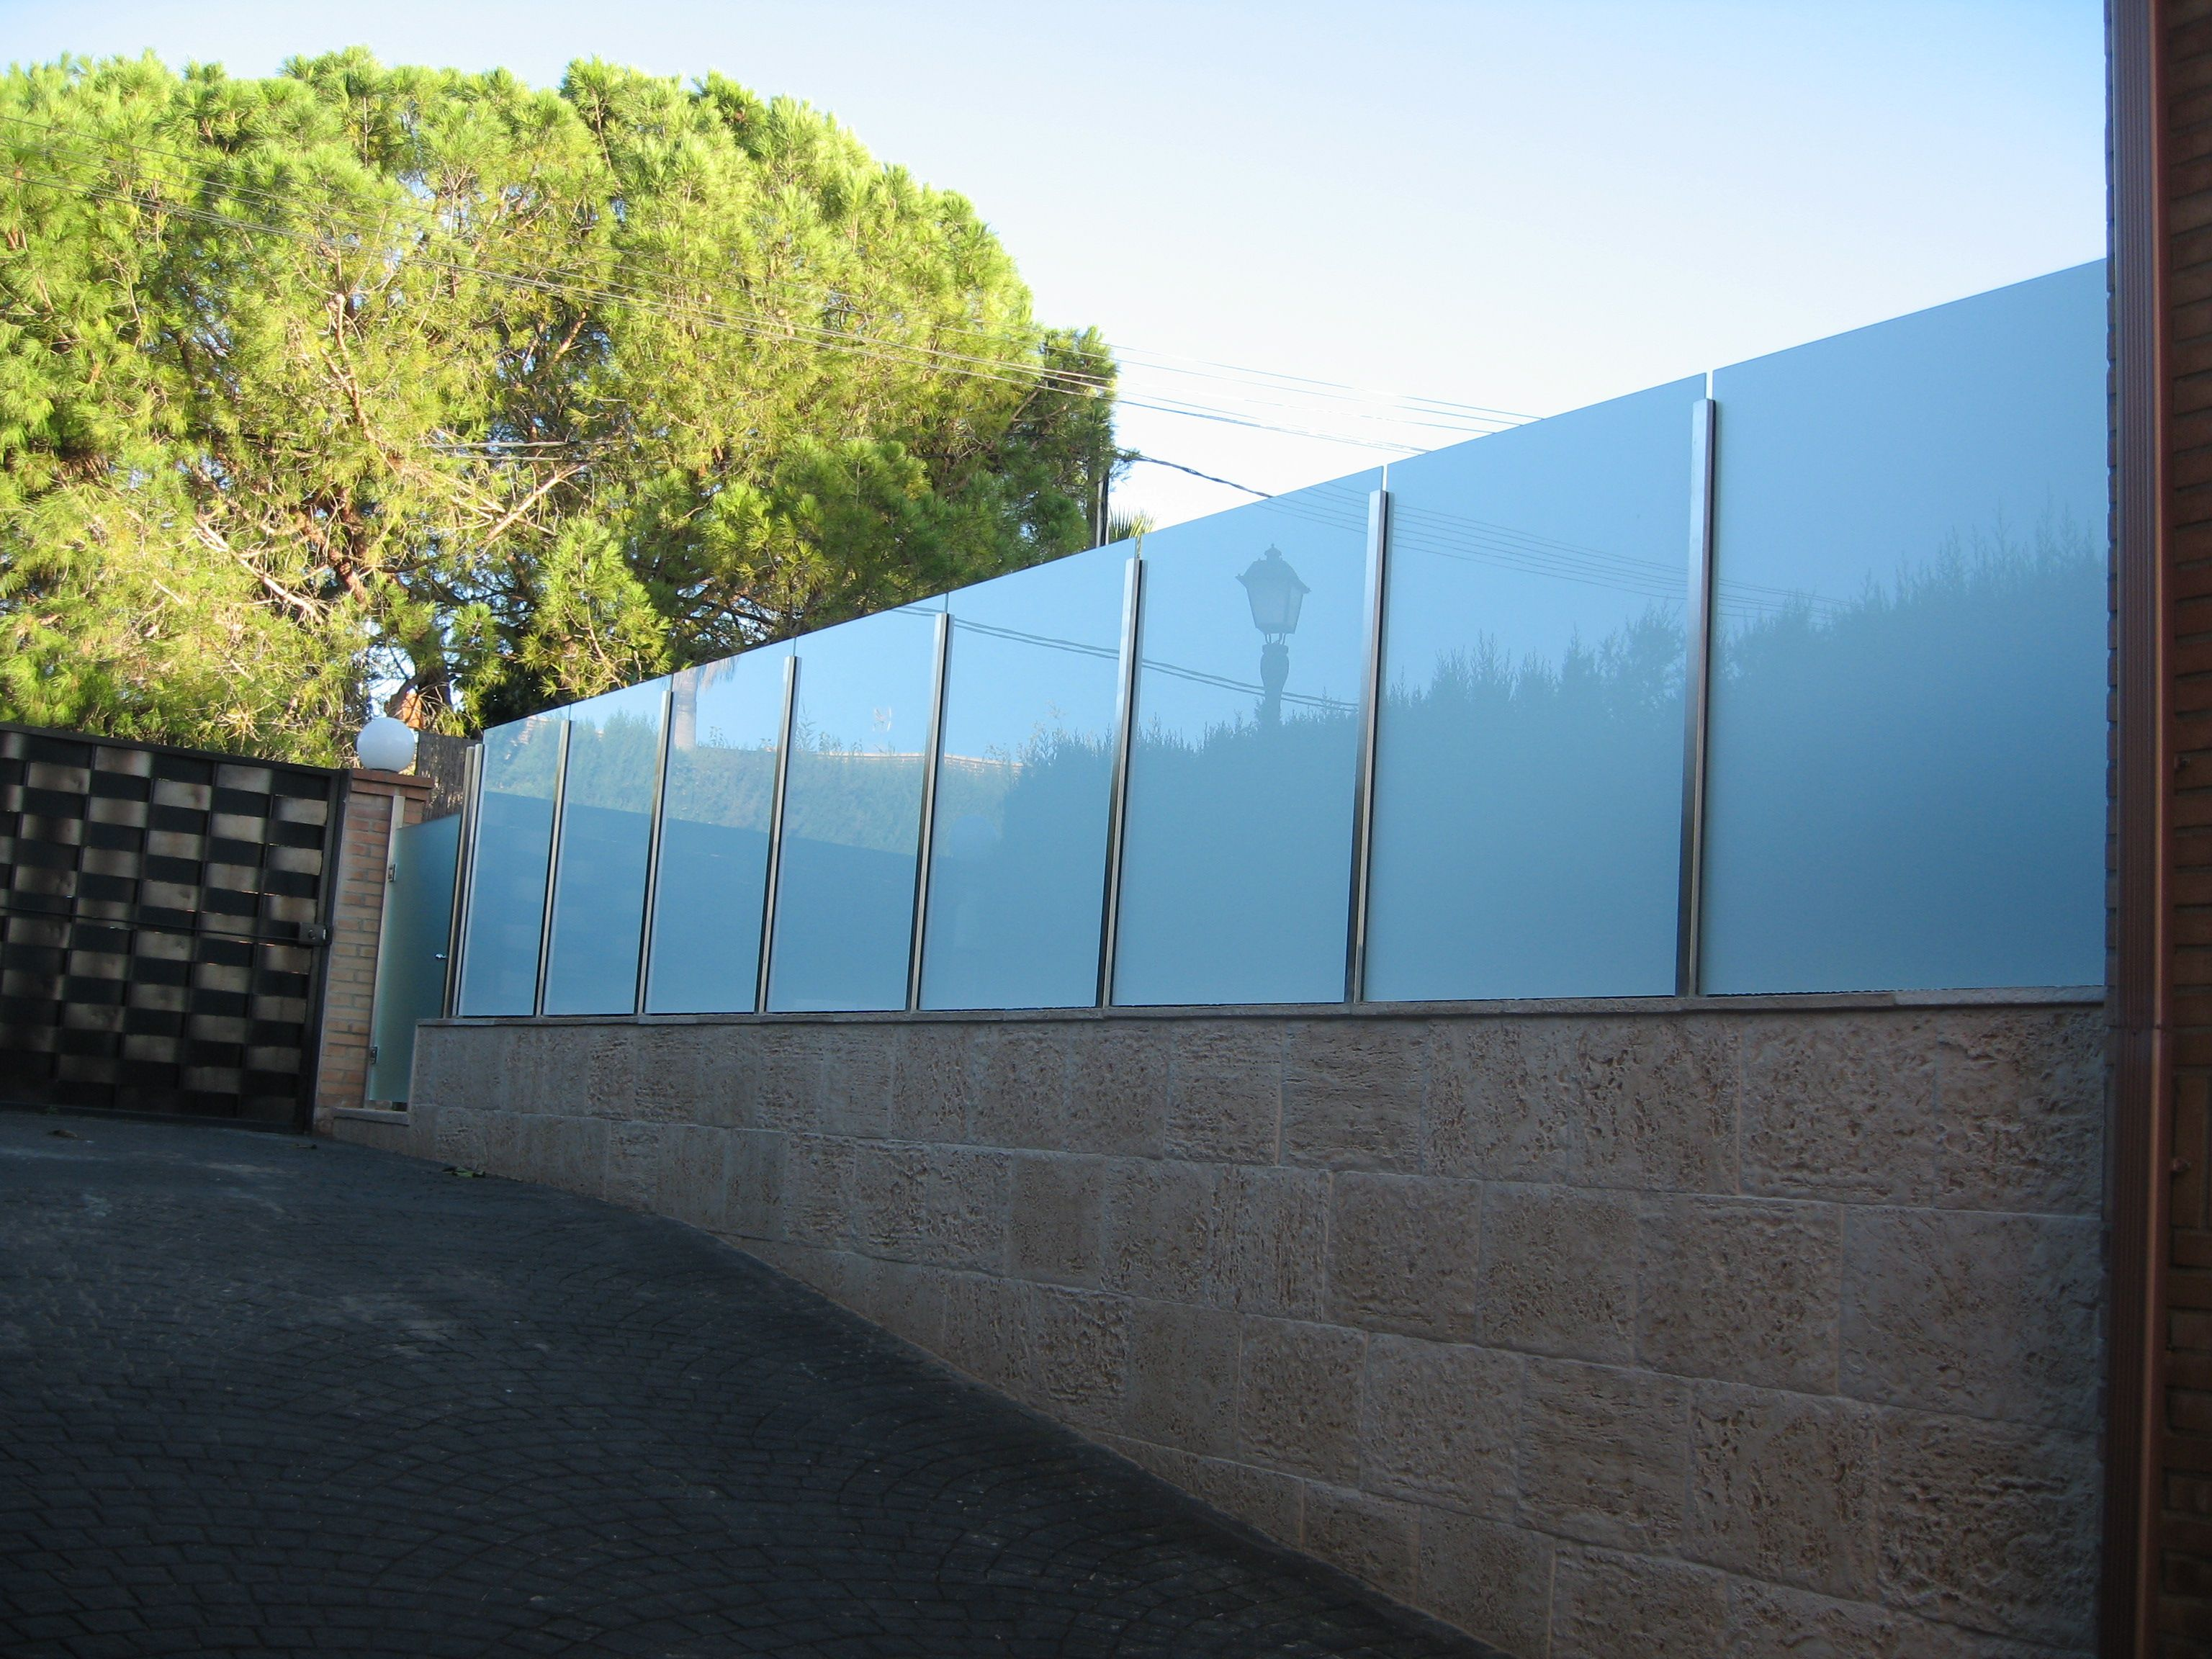 Valla formada por ejes de acero inoxidable y cristal laminar mate blanco barandillas acero - Vallas de acero inoxidable ...